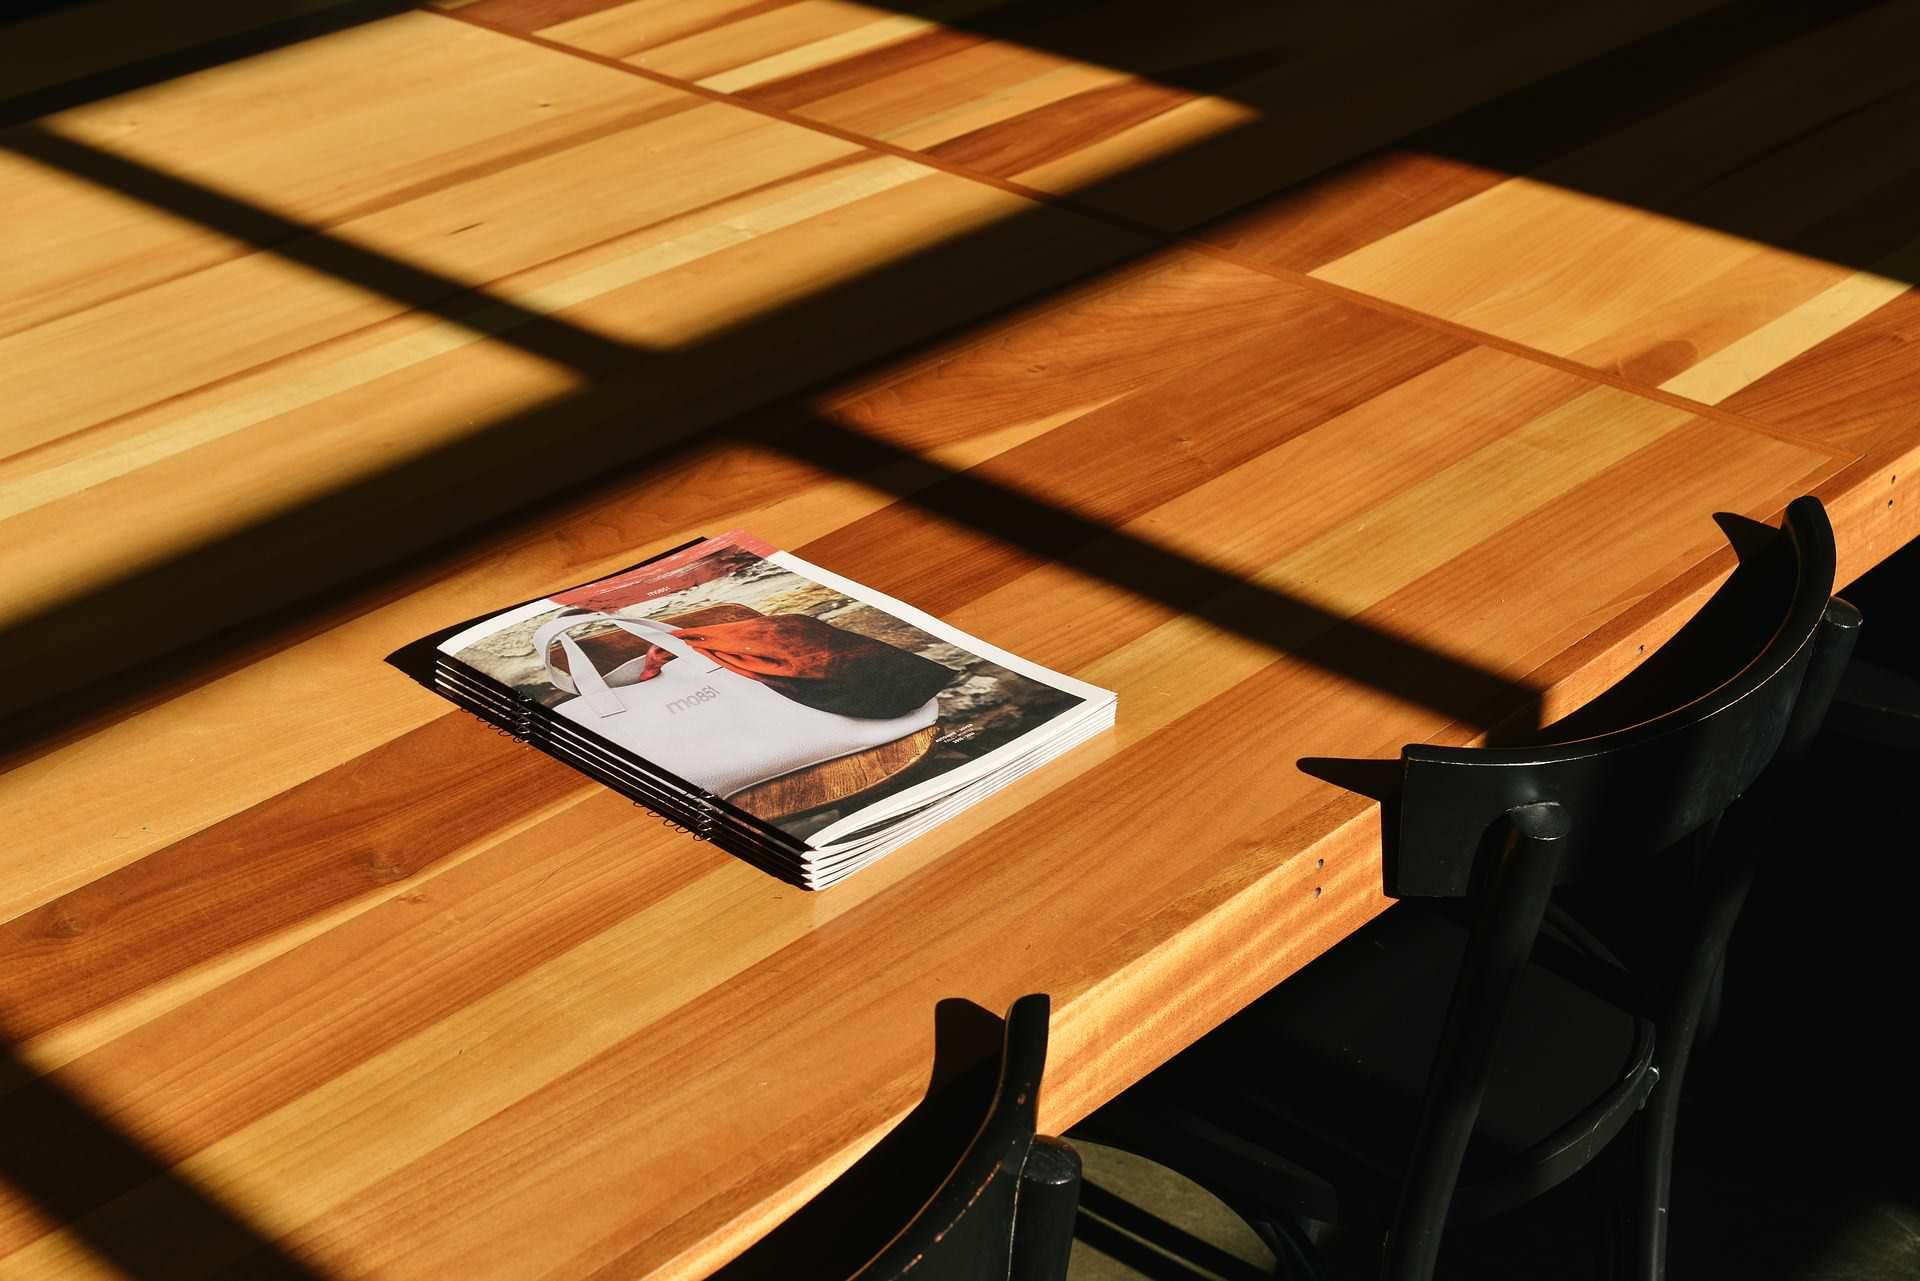 Gute Image-Broschüre für Vision, Mission, Werte und Philosophie Ihres Unternehmens